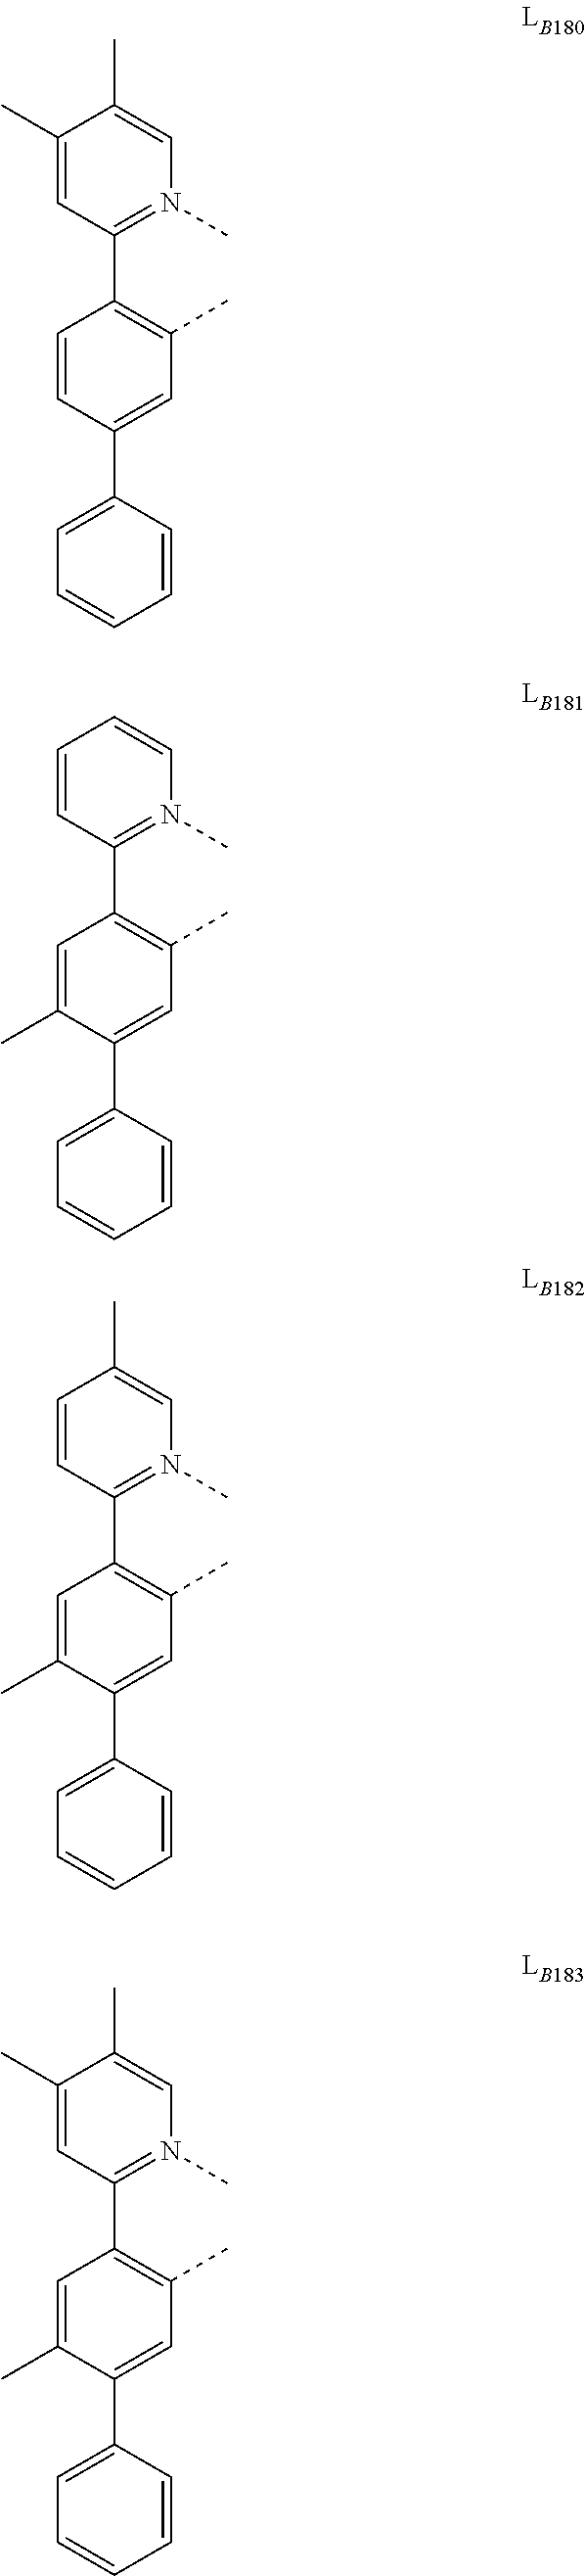 Figure US09929360-20180327-C00253